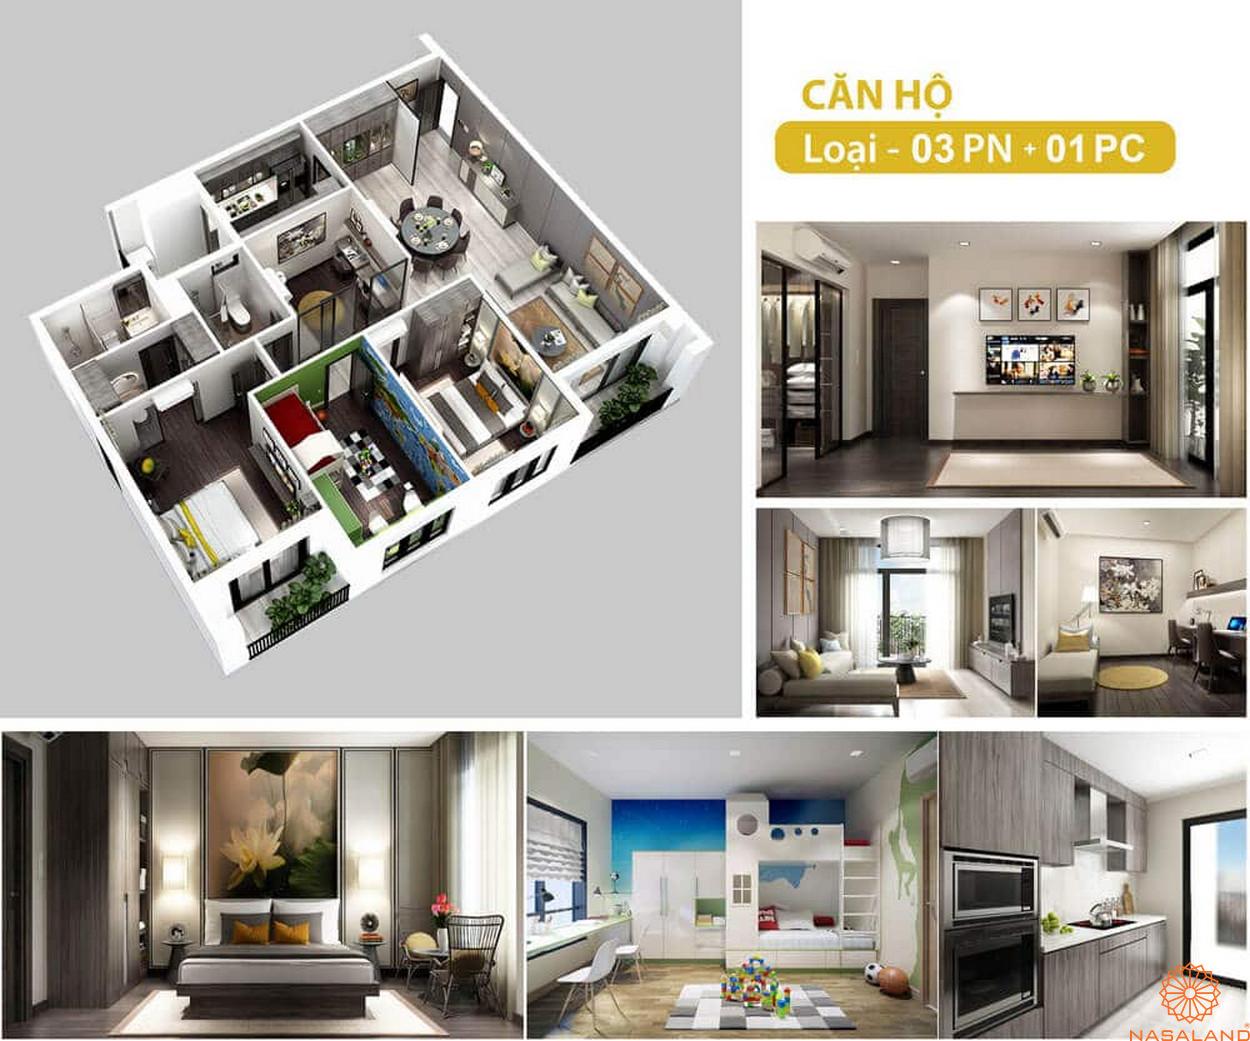 Thiết kế dự án căn hộ chung cư cao cấp Hado Green Lane quận 8 Tp. Hồ Chí Mình